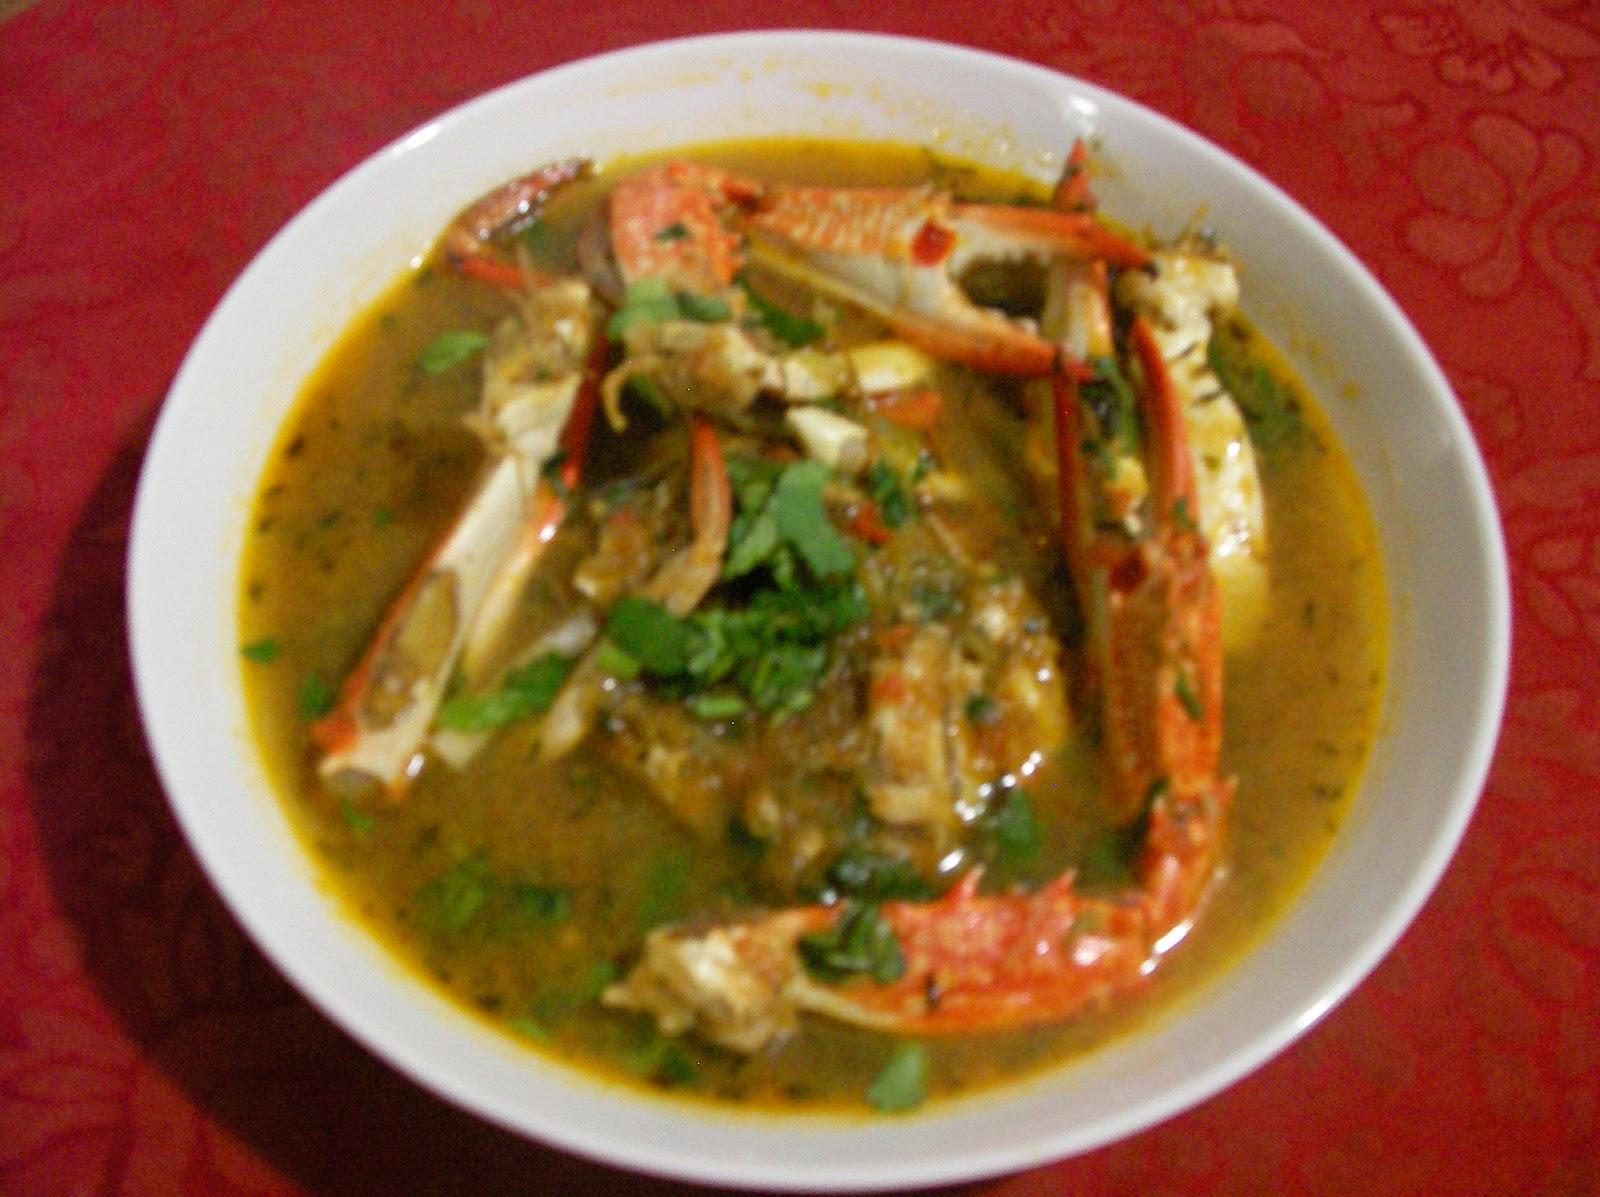 cocozil crab soup - soupe de crabe